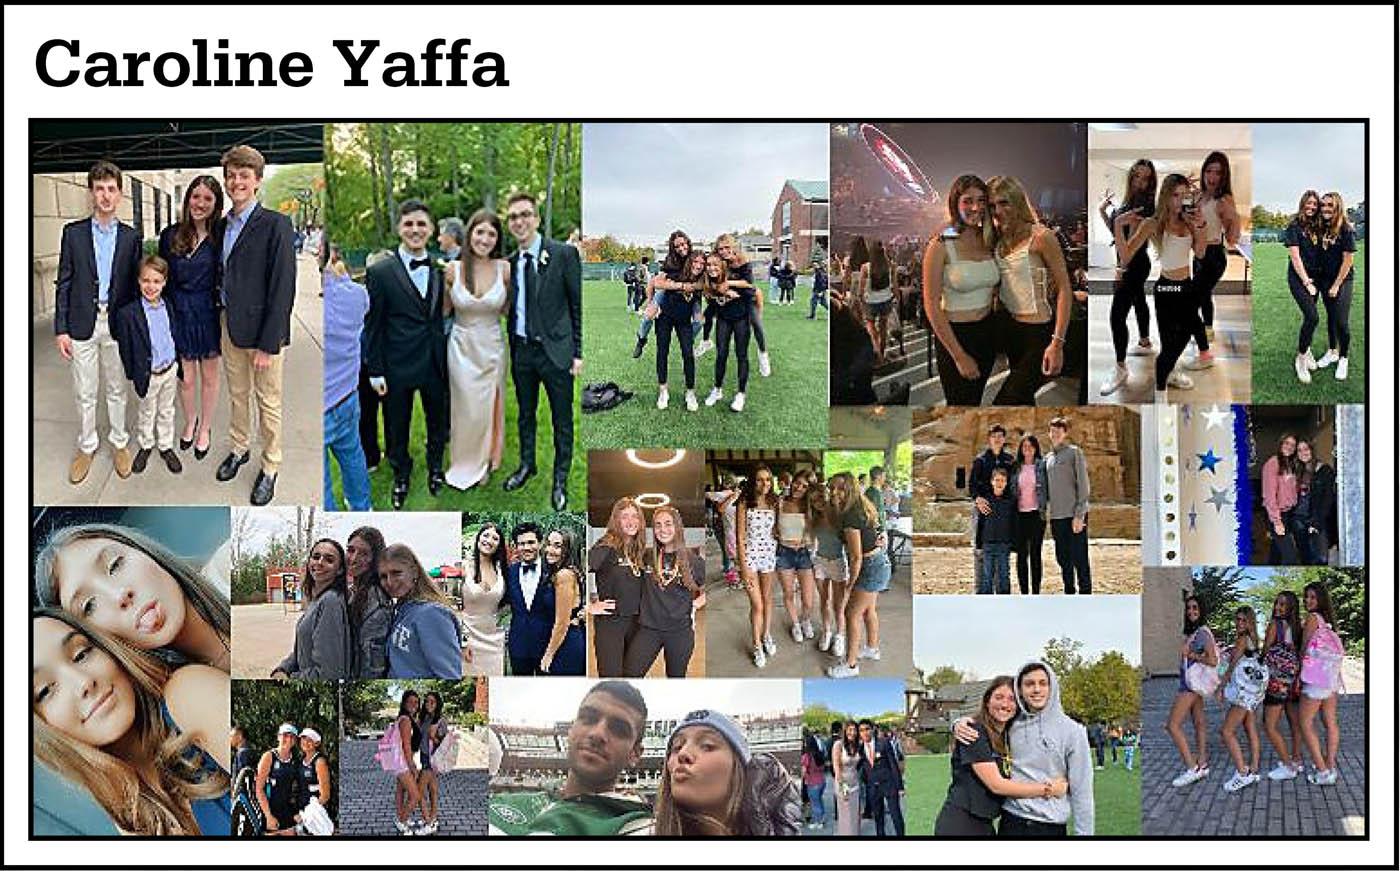 Yaffa, Caroline